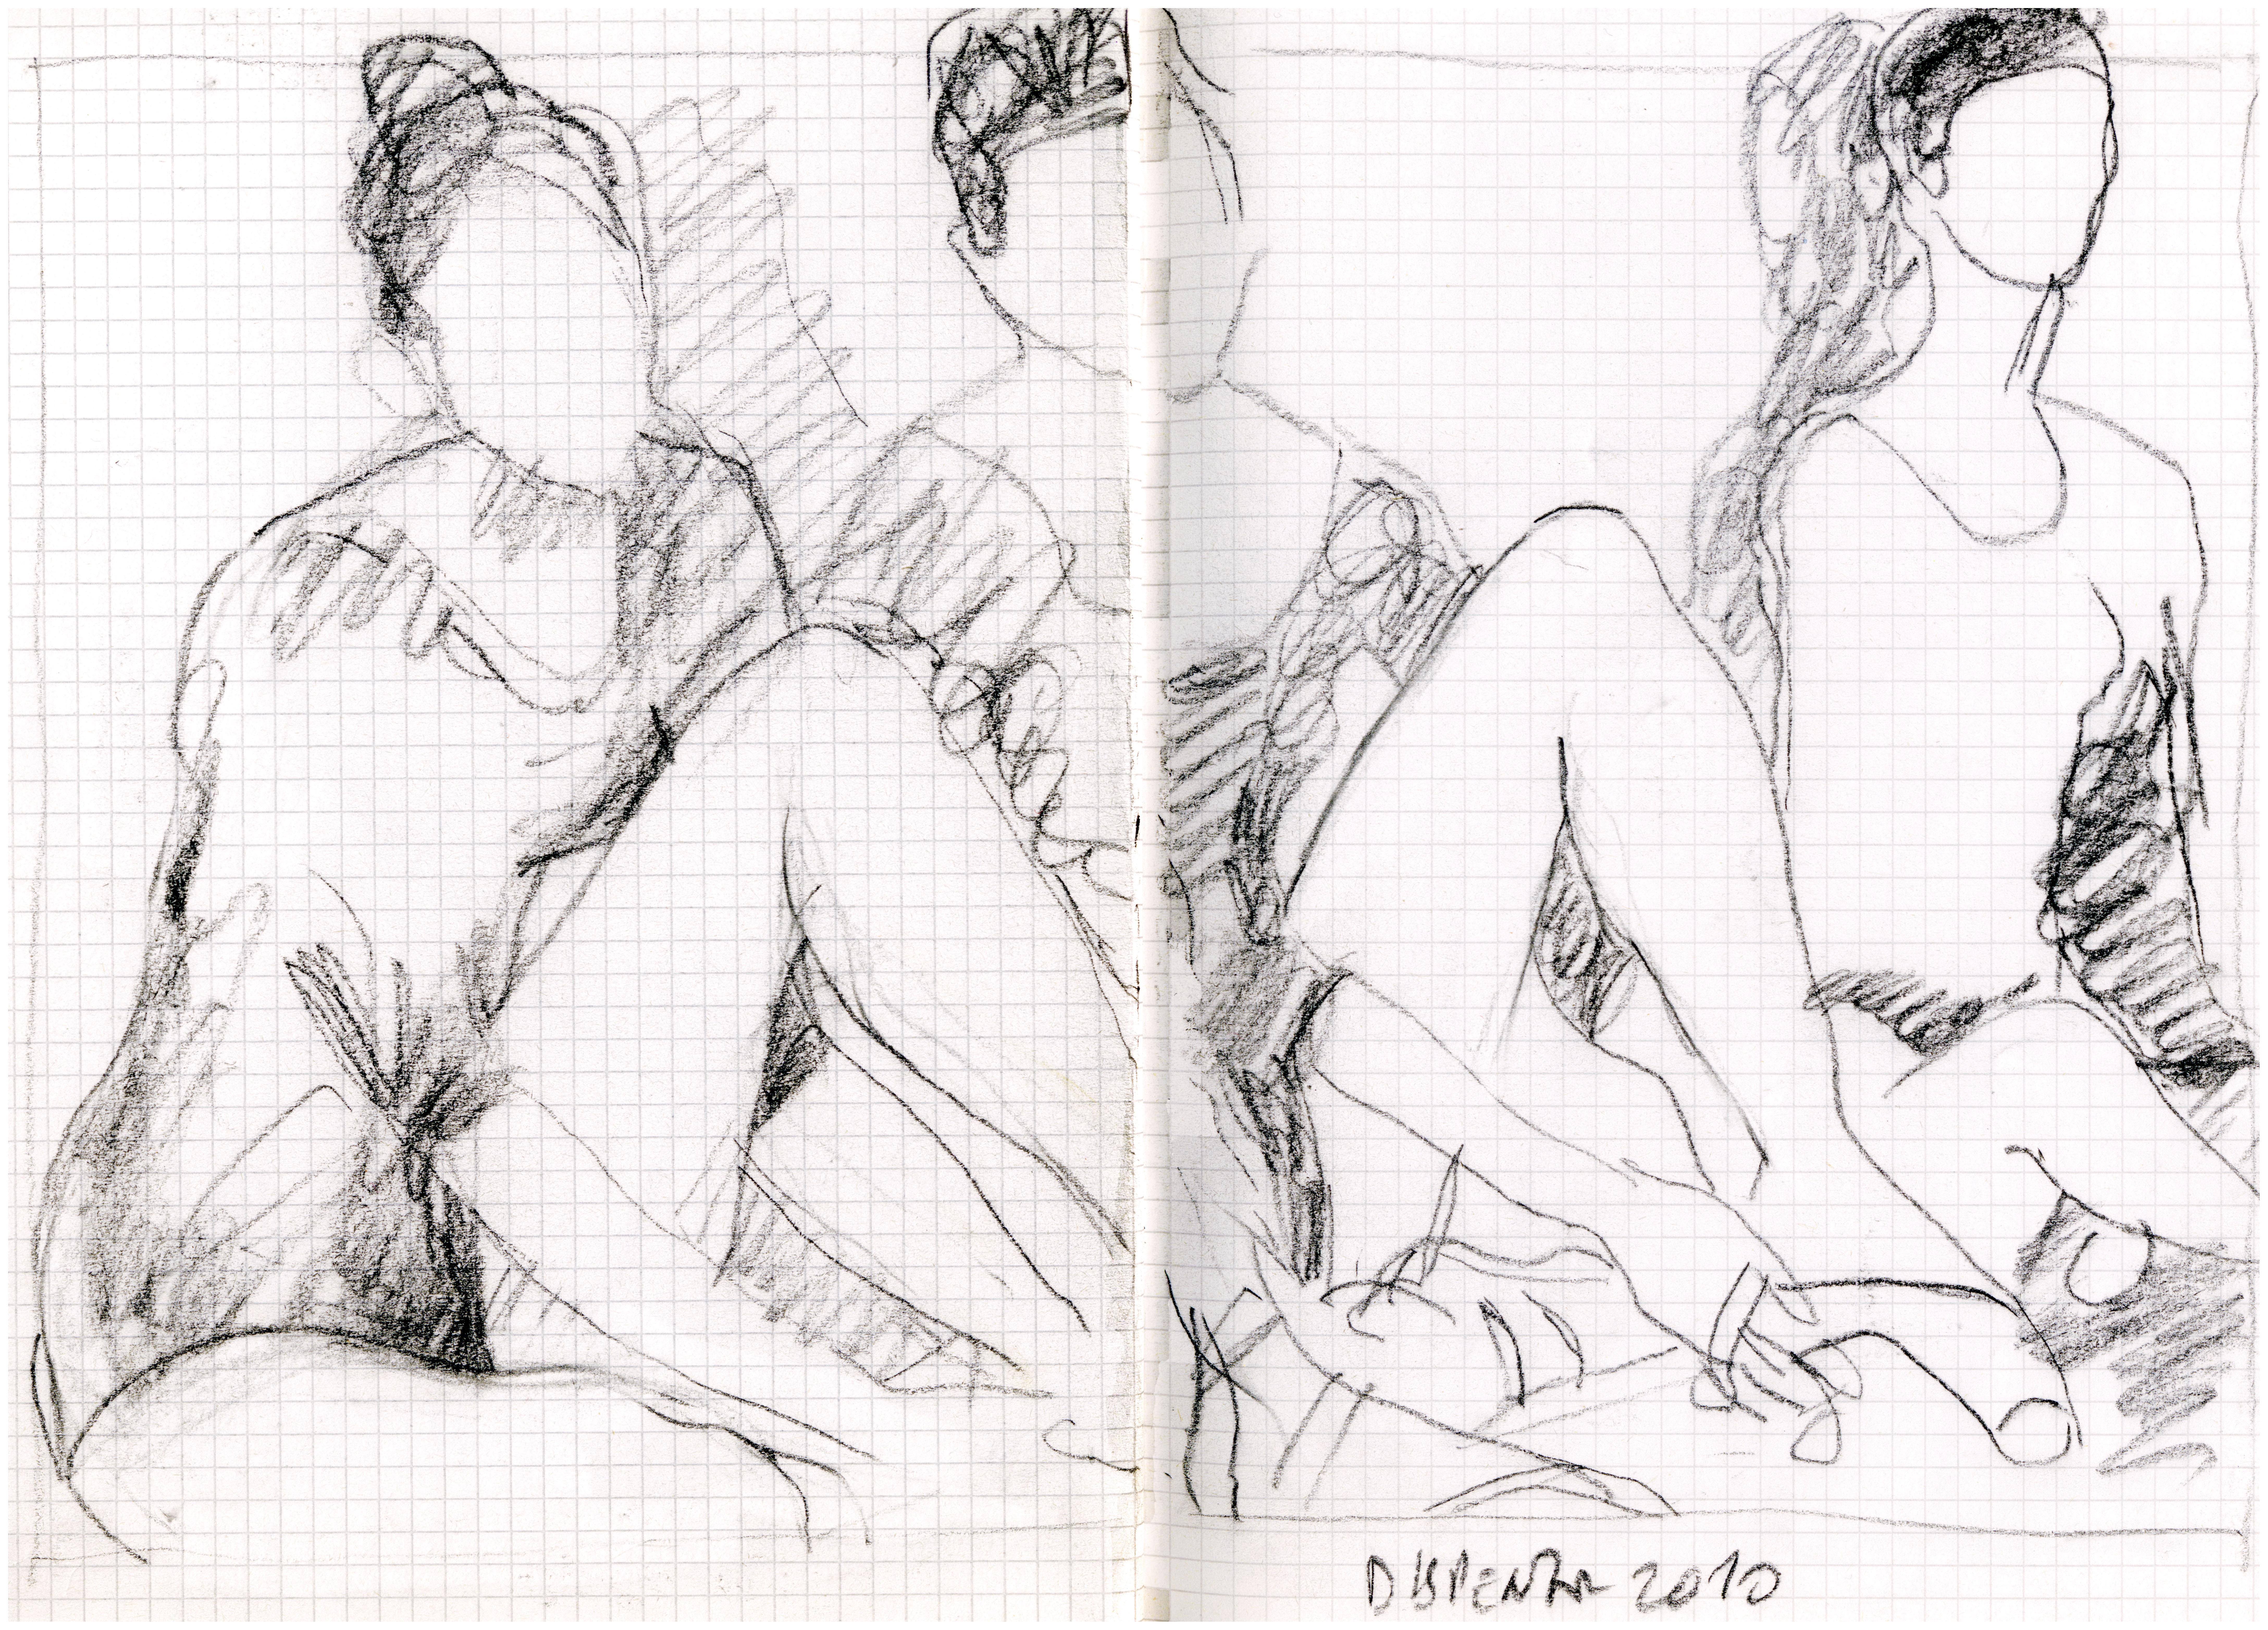 186 Ballet 2010